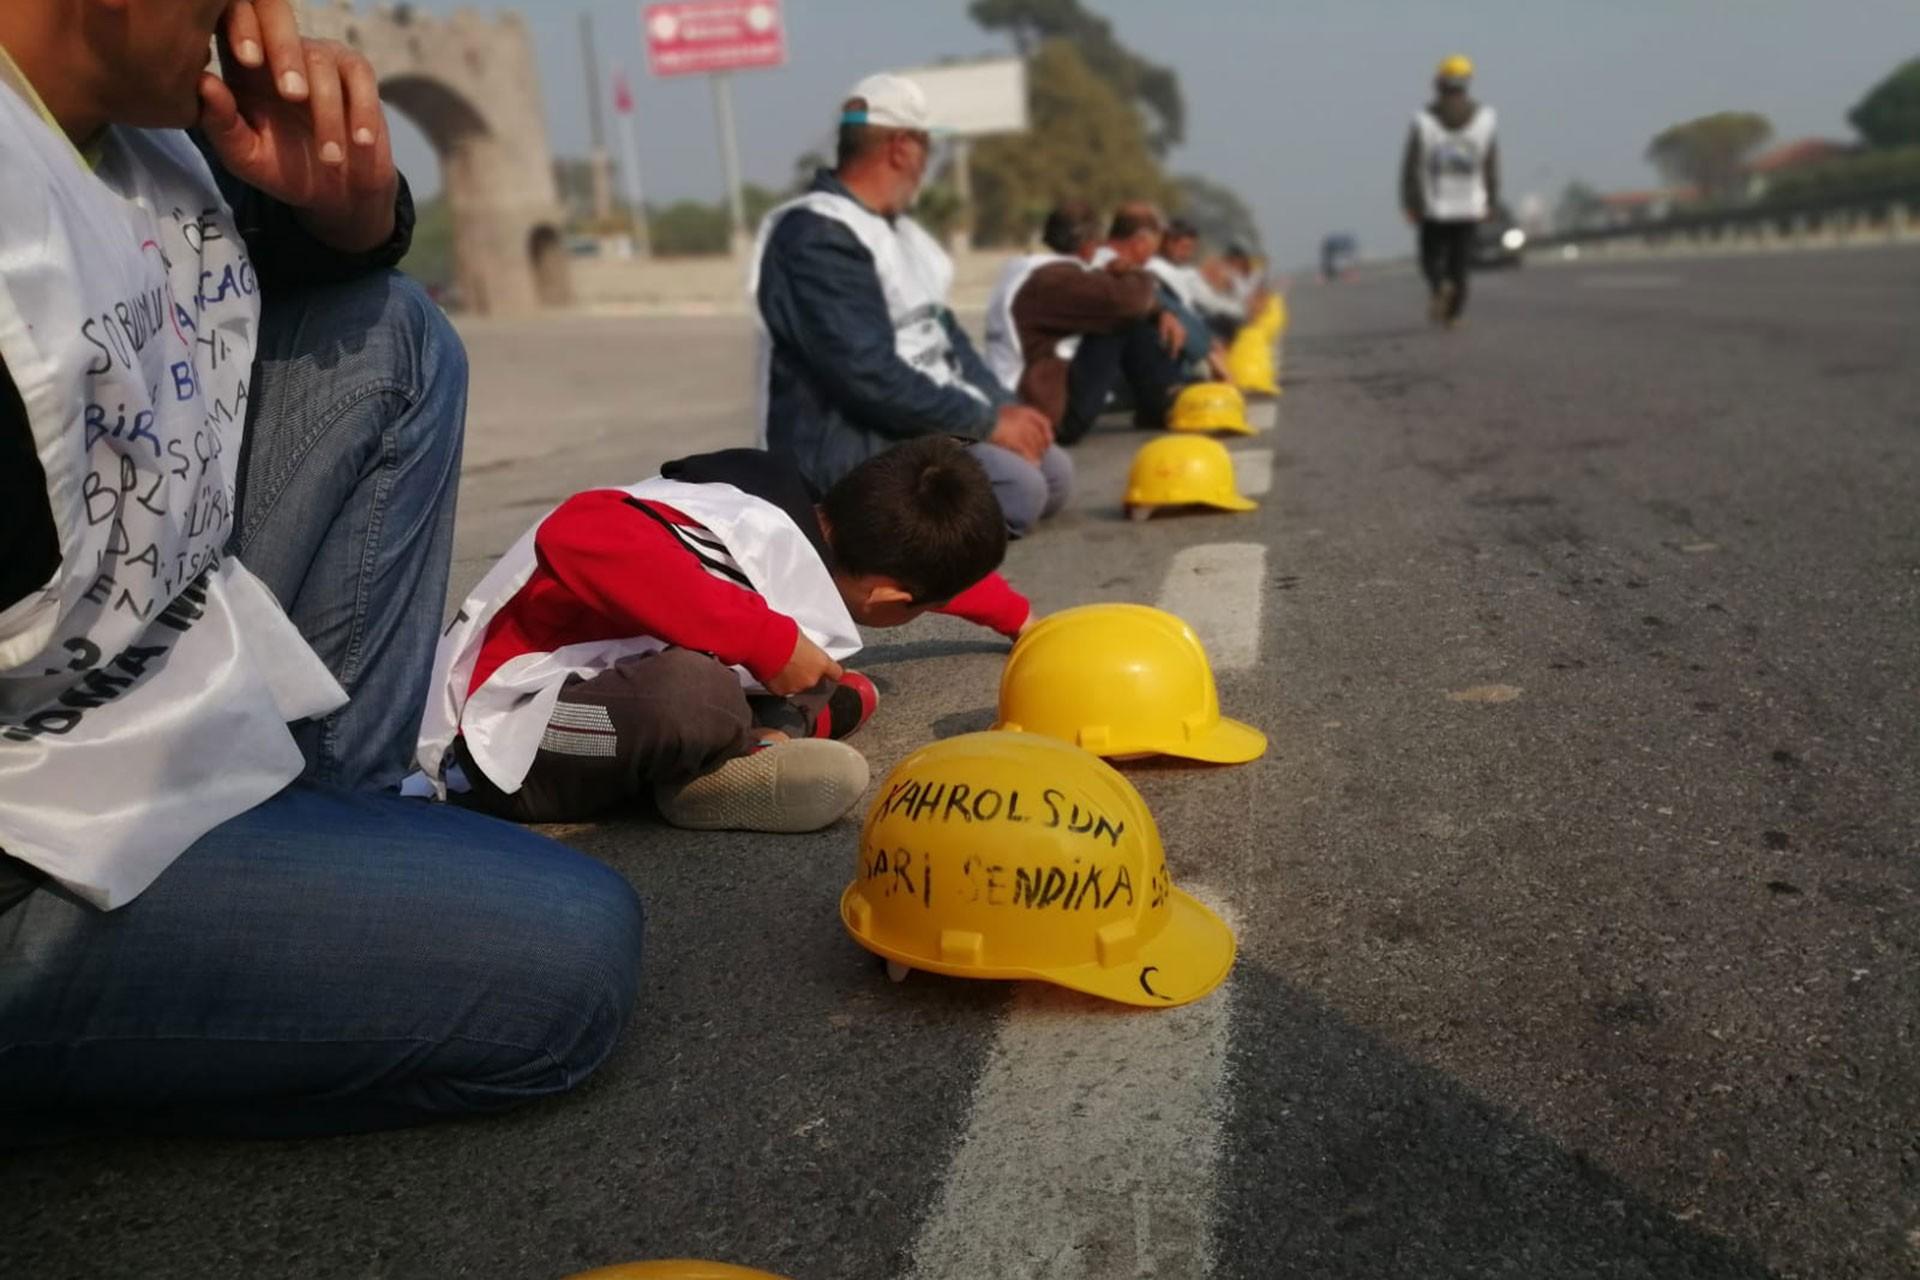 Somalı madenciler yarın Enerji Bakanlığı ile görüşecek: Biz bu yoldan dönmeyiz